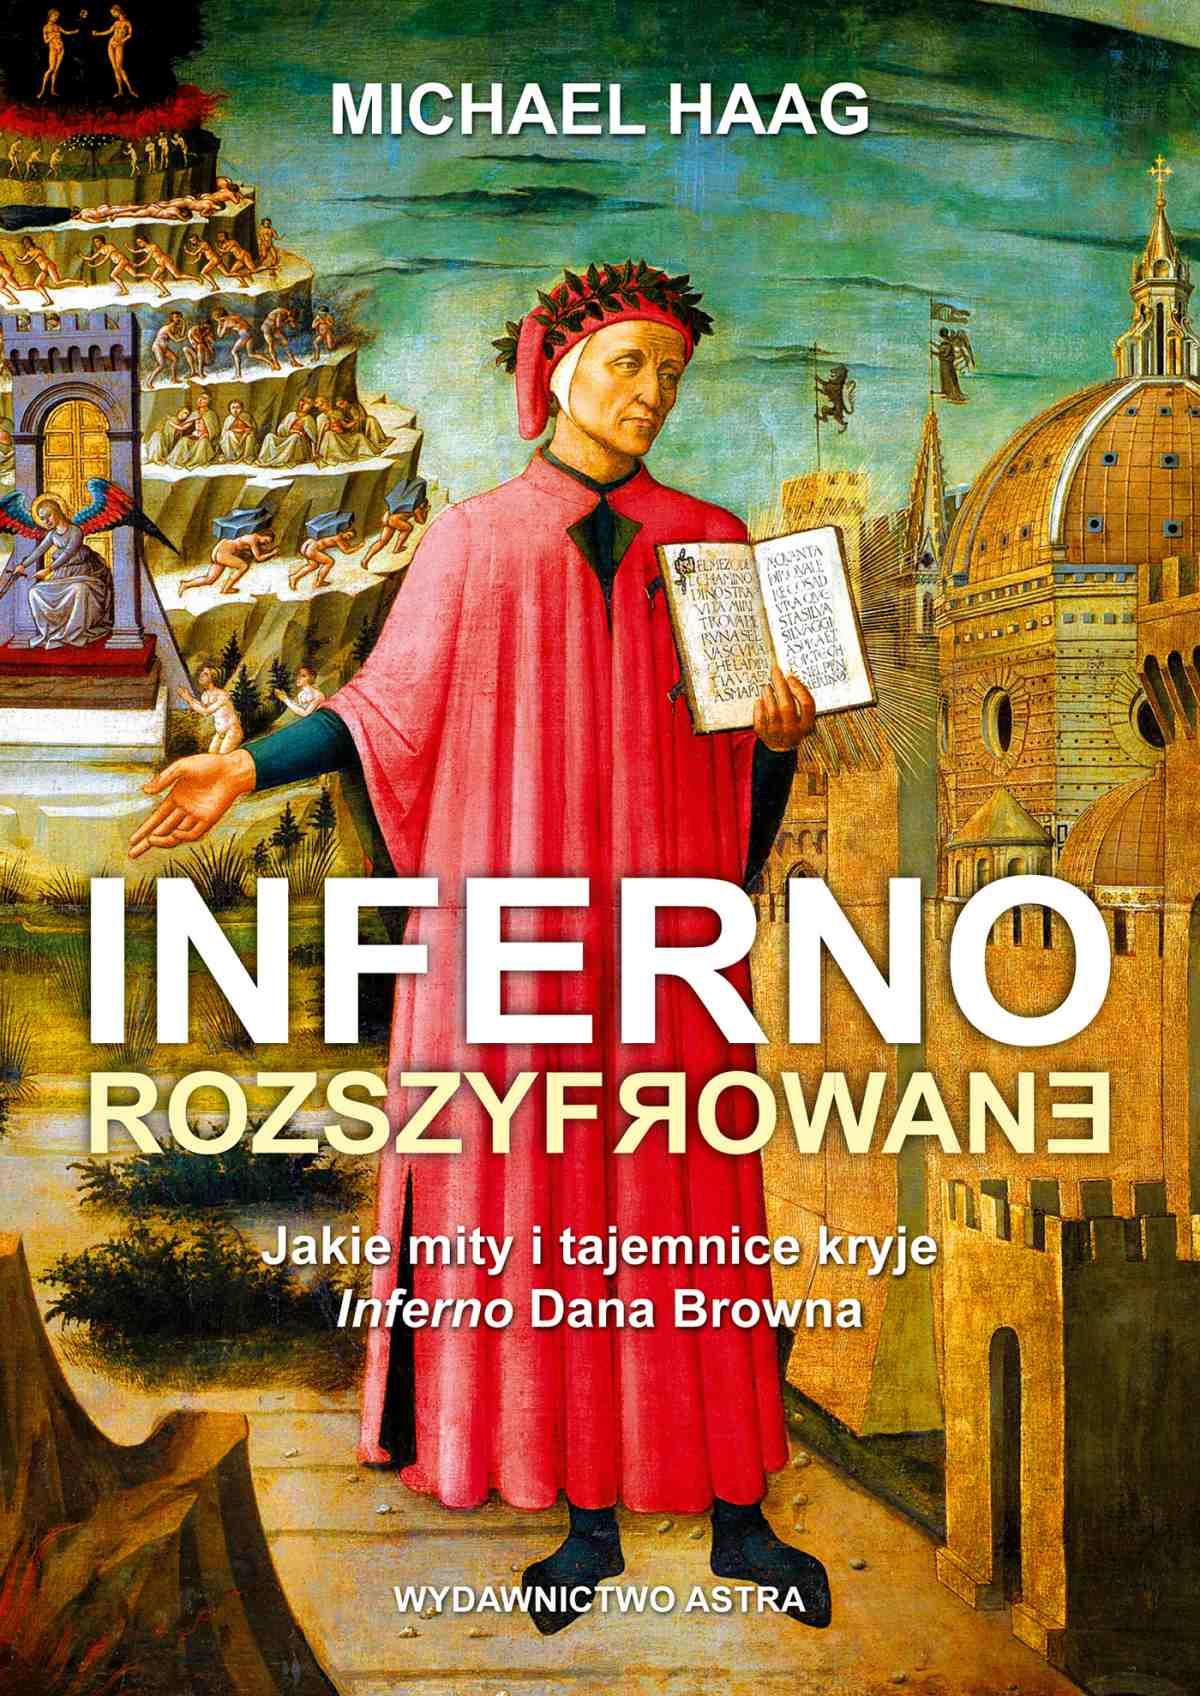 Inferno rozszyfrowane - Ebook (Książka EPUB) do pobrania w formacie EPUB